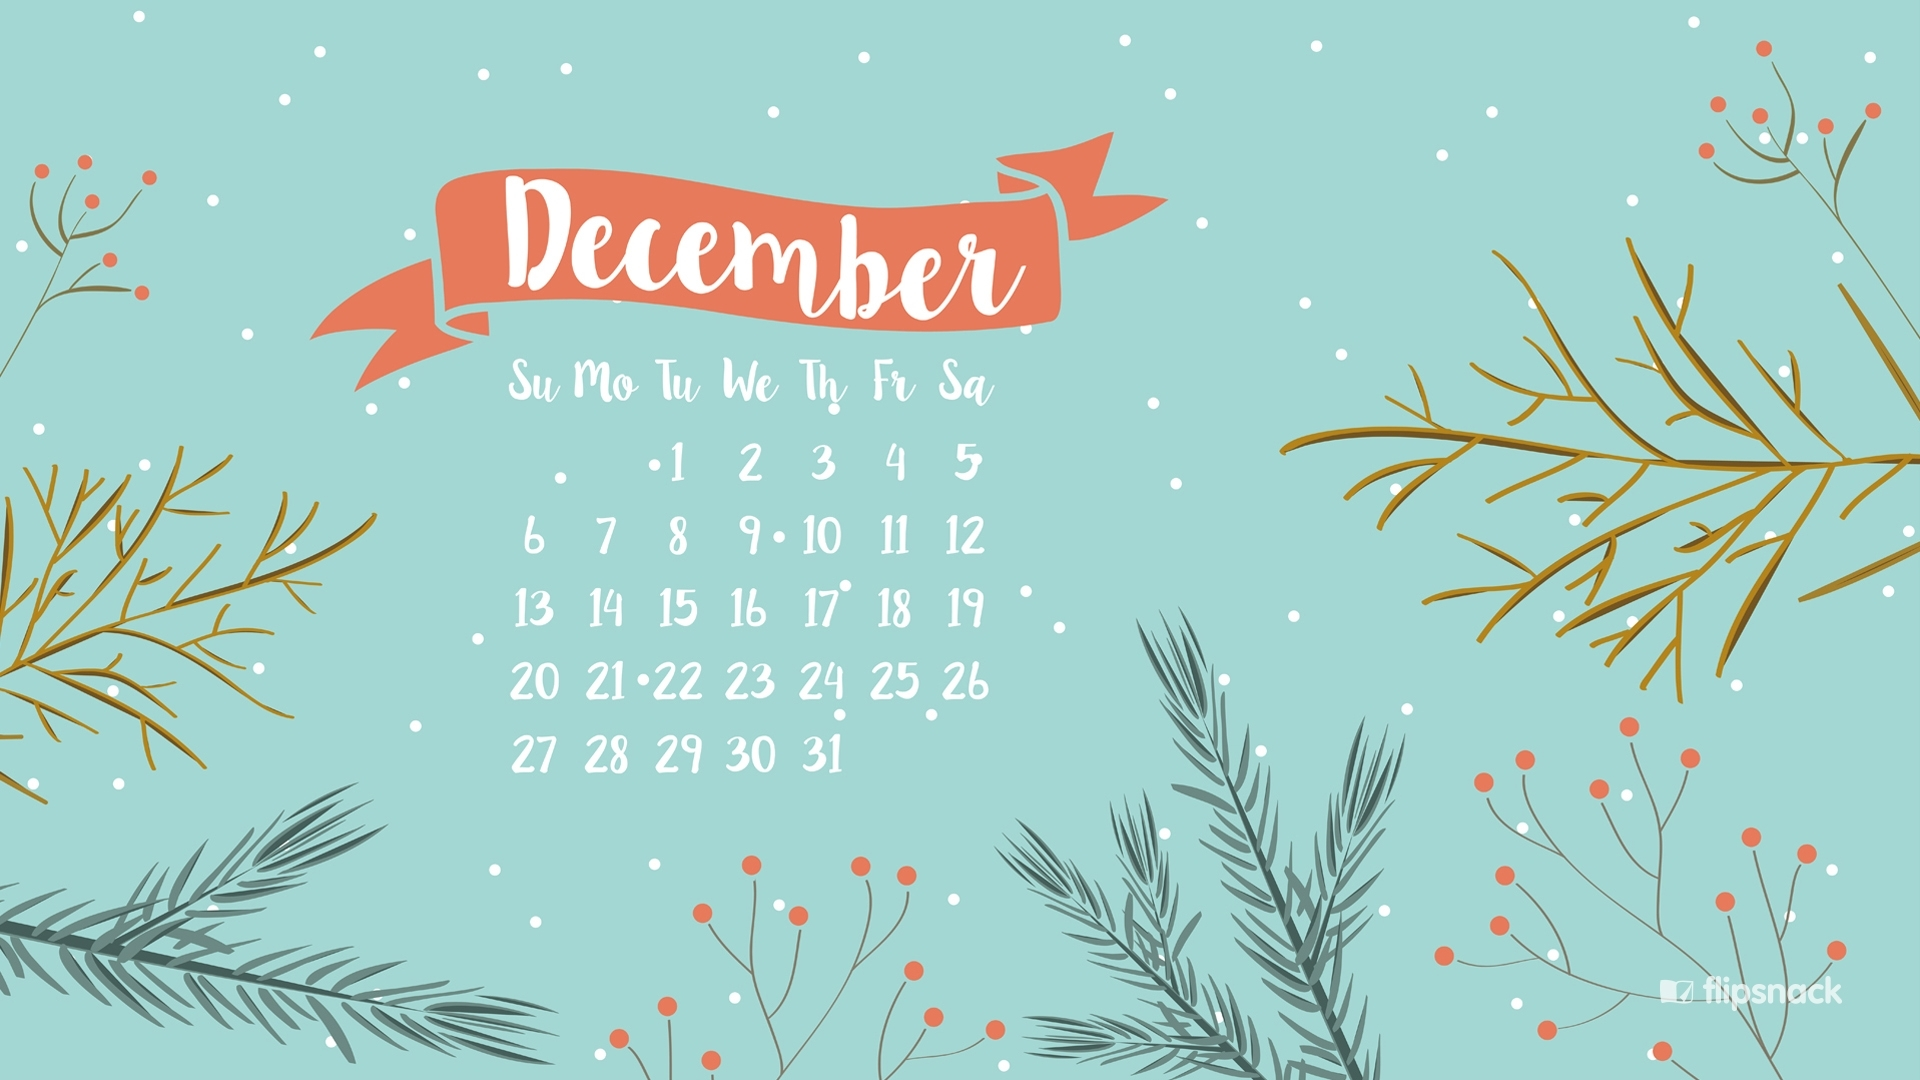 freebies: december 2015 wallpaper calendars